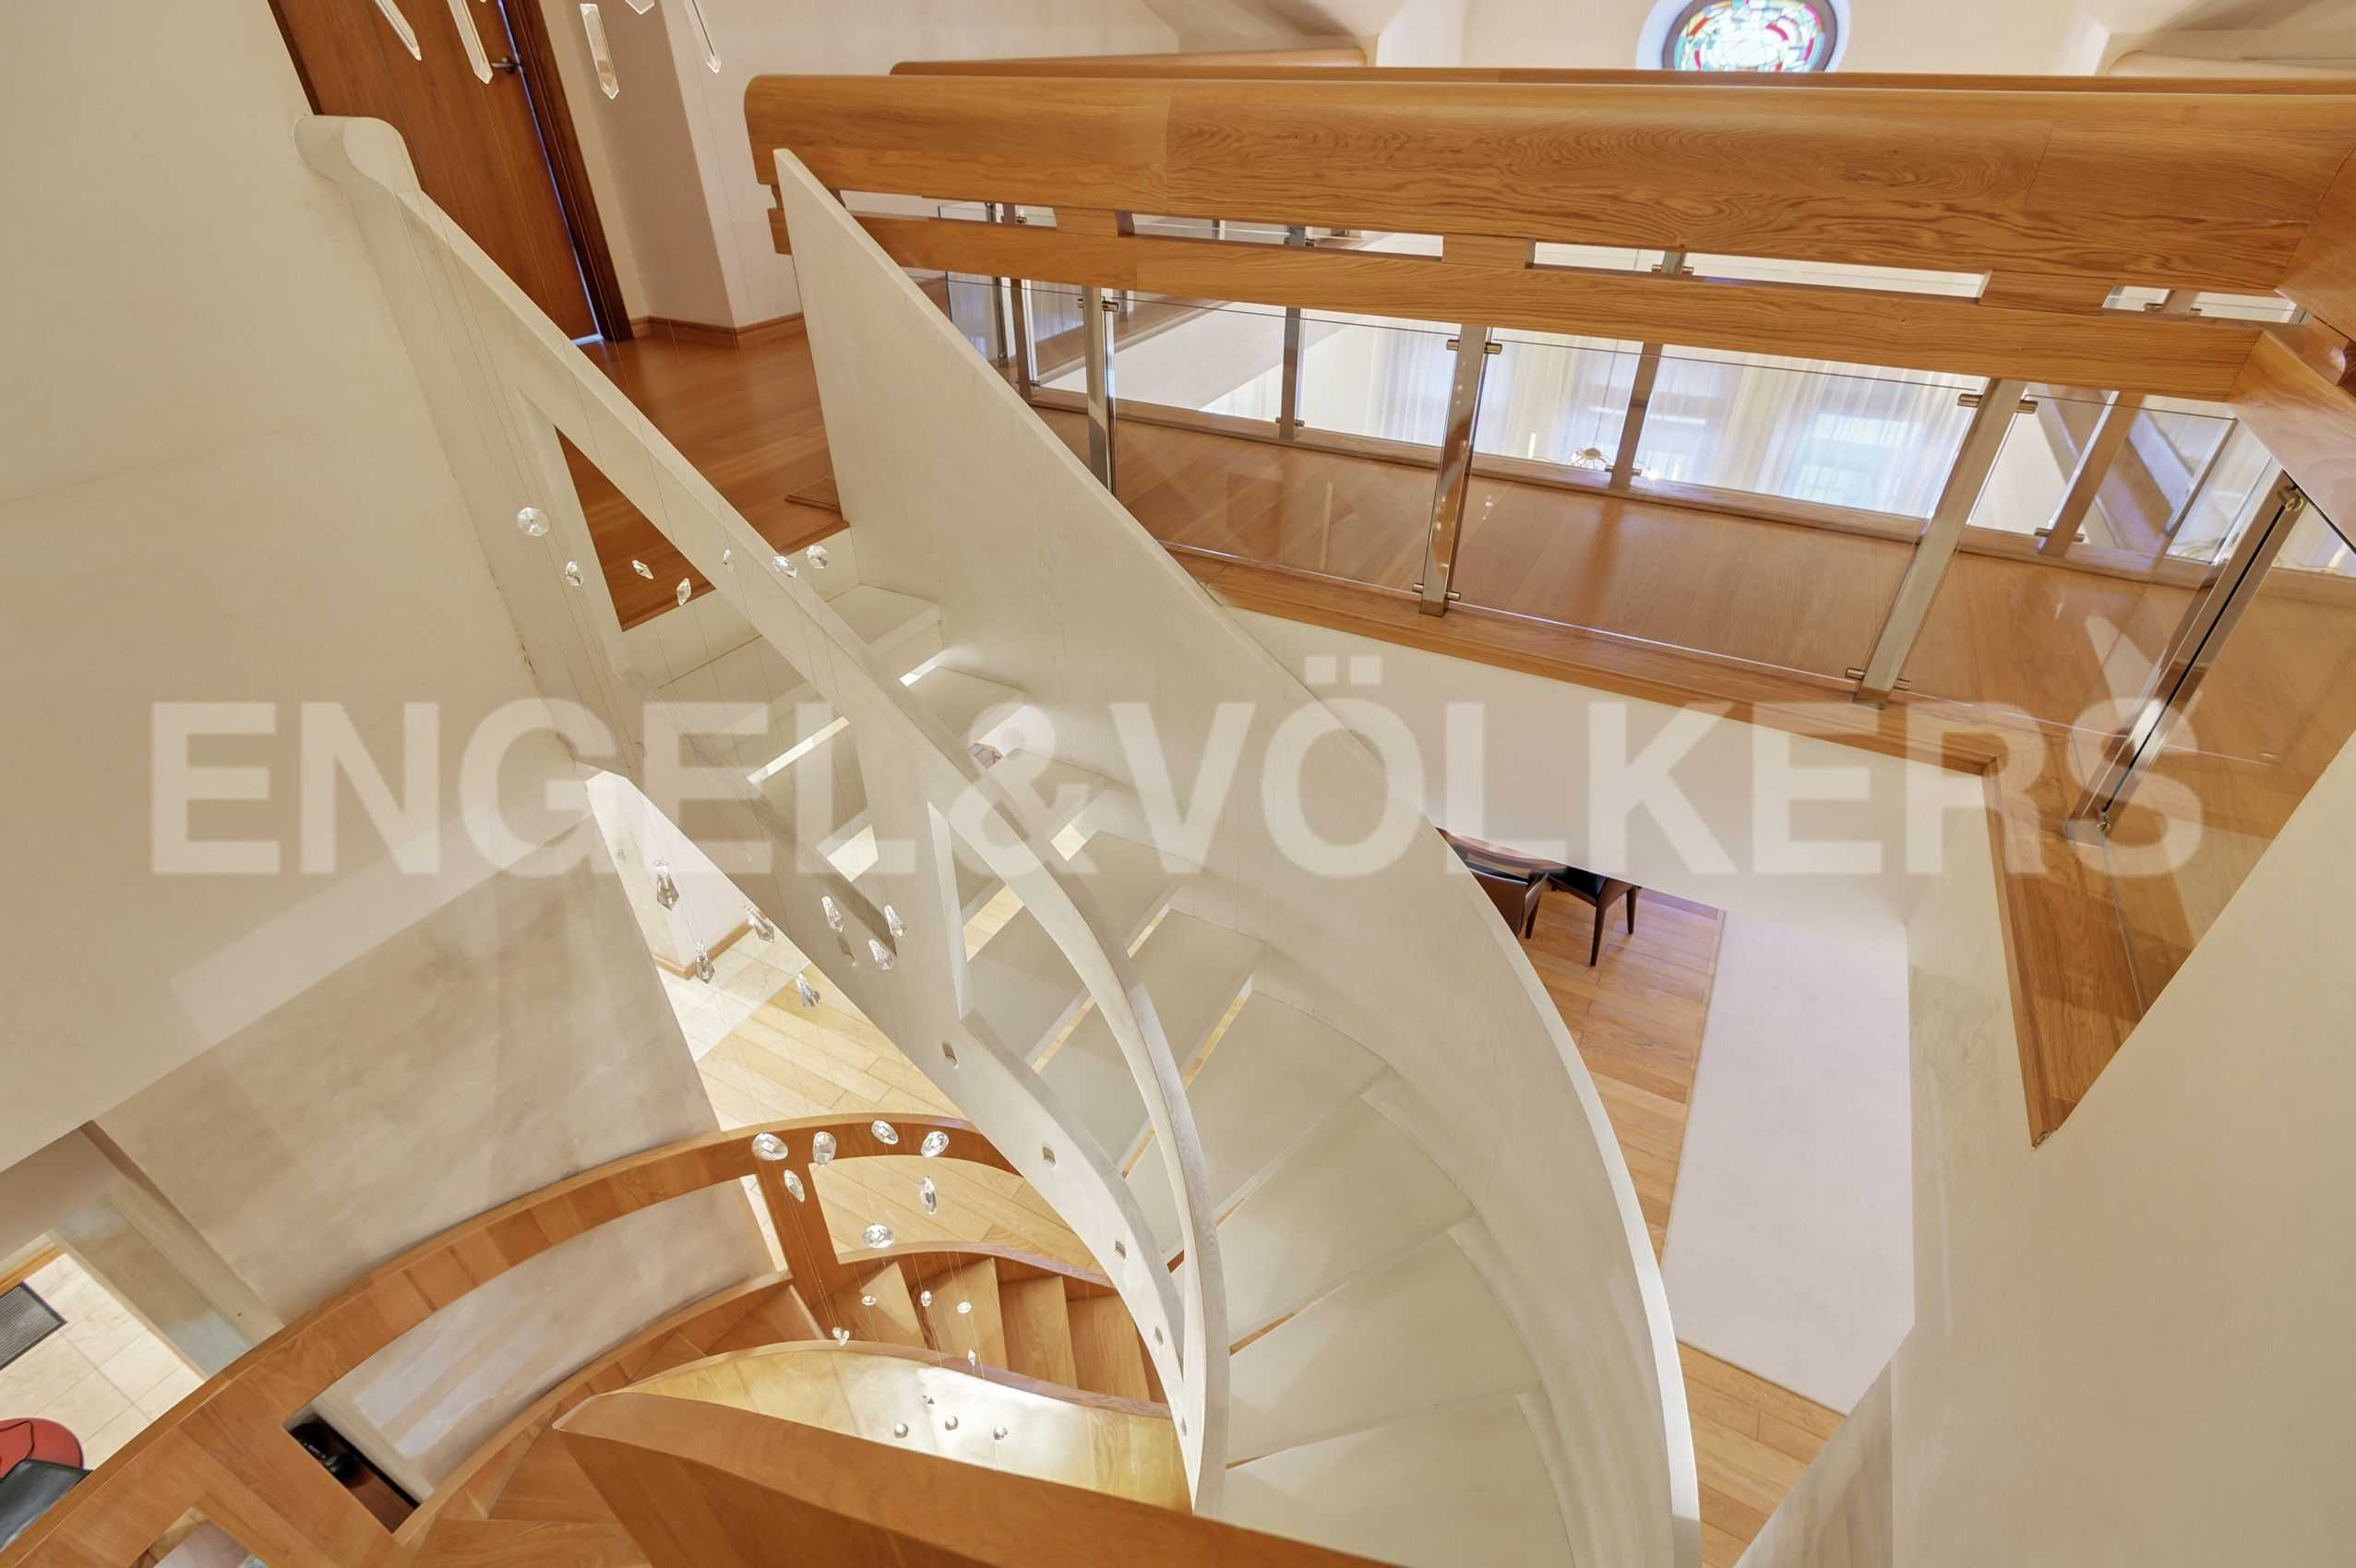 Элитные квартиры в Центральный р-н. Санкт-Петербург, Захарьевская, 16. Двойная винтовая лестница на второй уровень